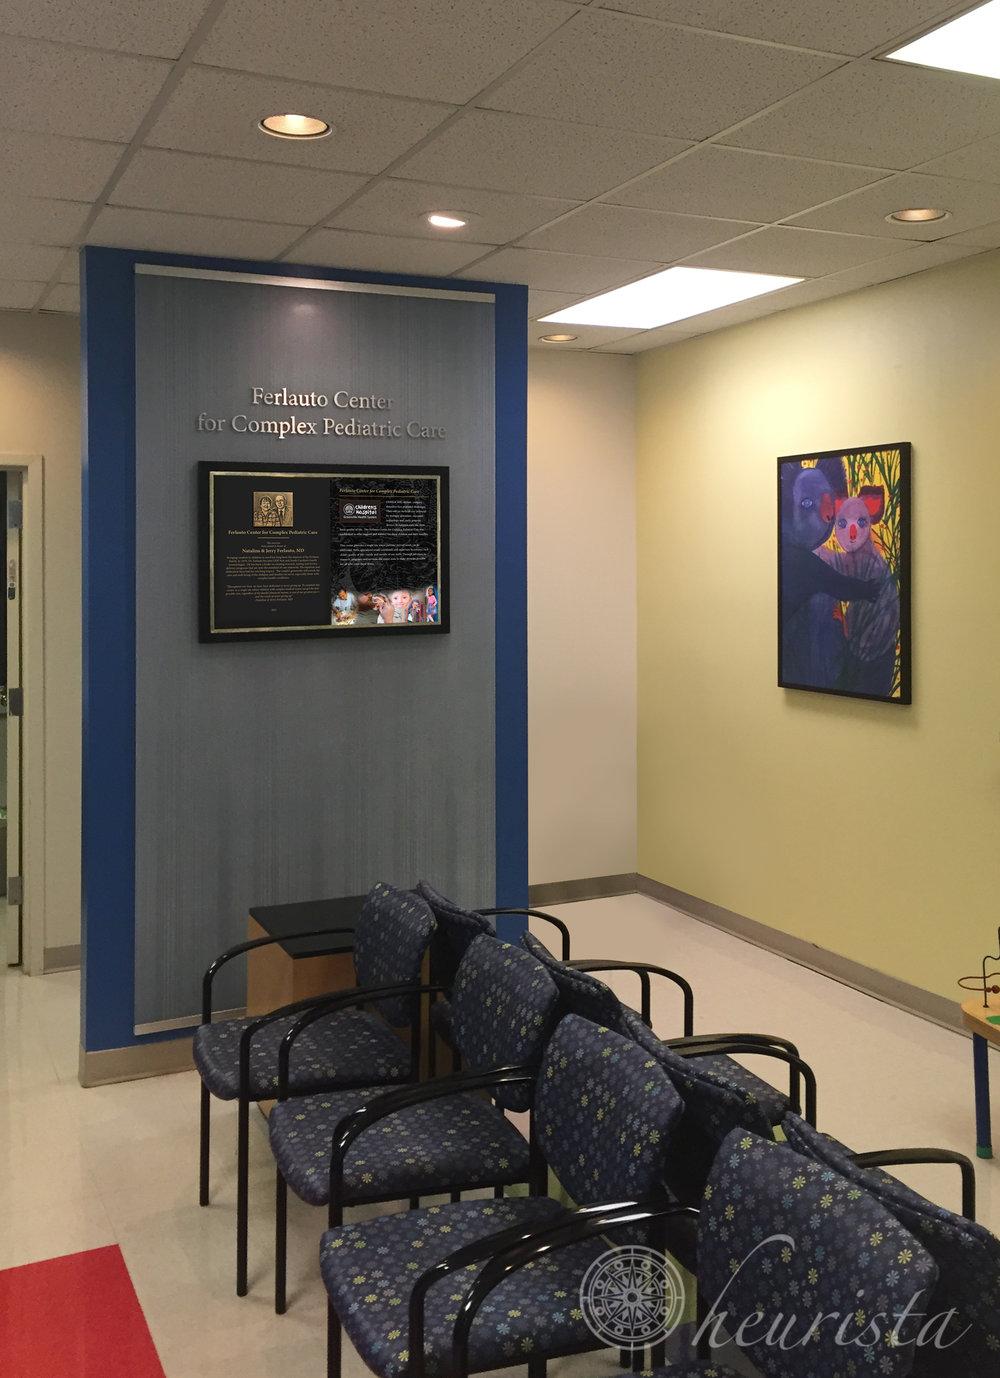 GHS Ferlauto Center for Complex Pediatric Care